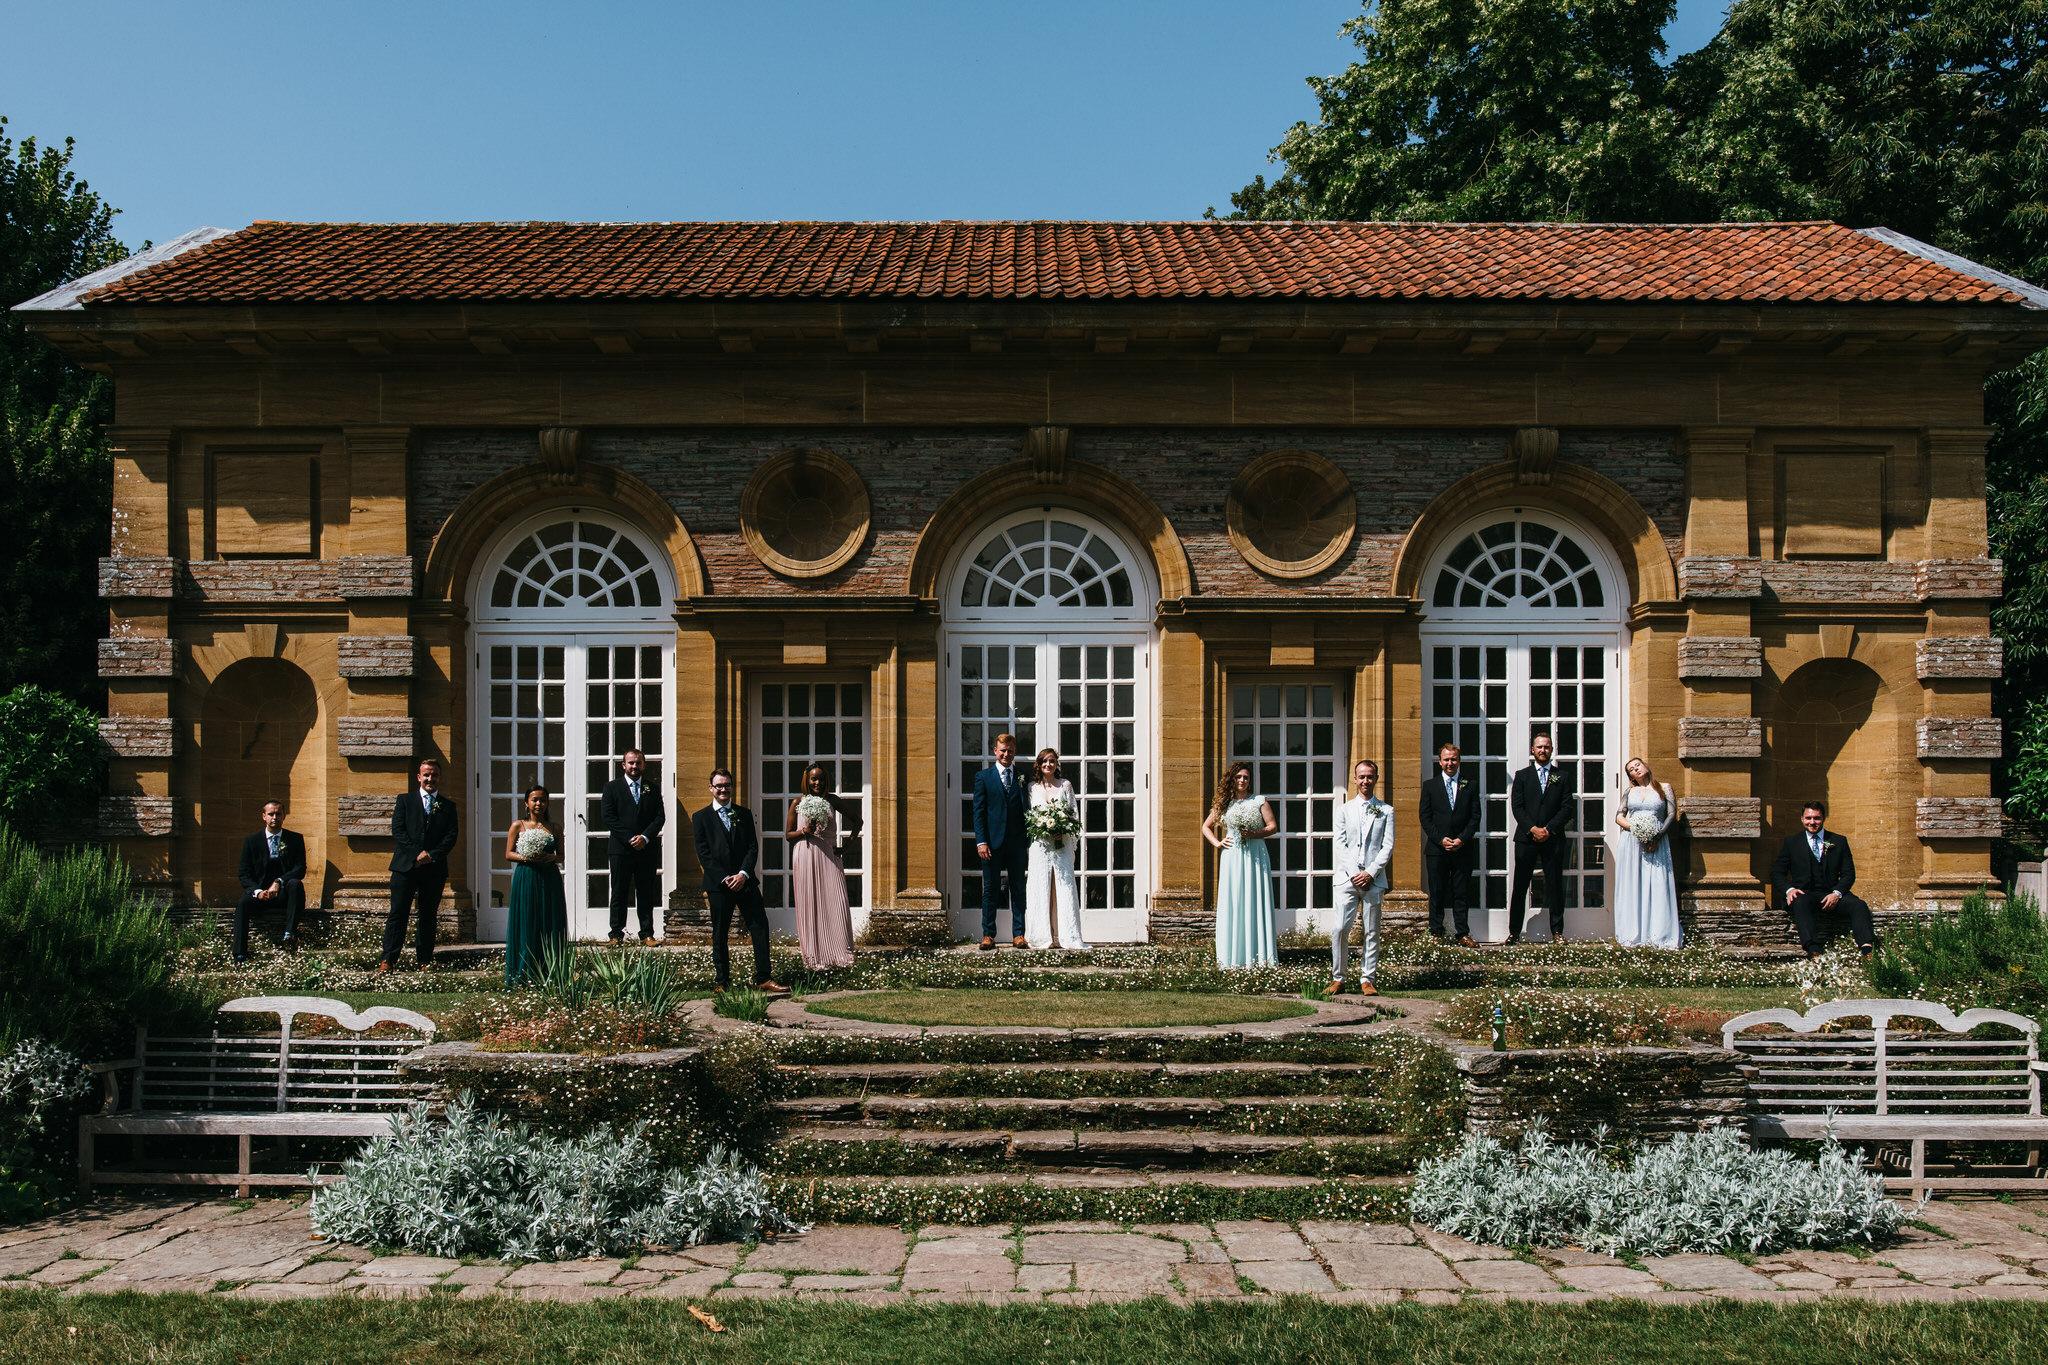 Hestercombe gardens wedding somerset